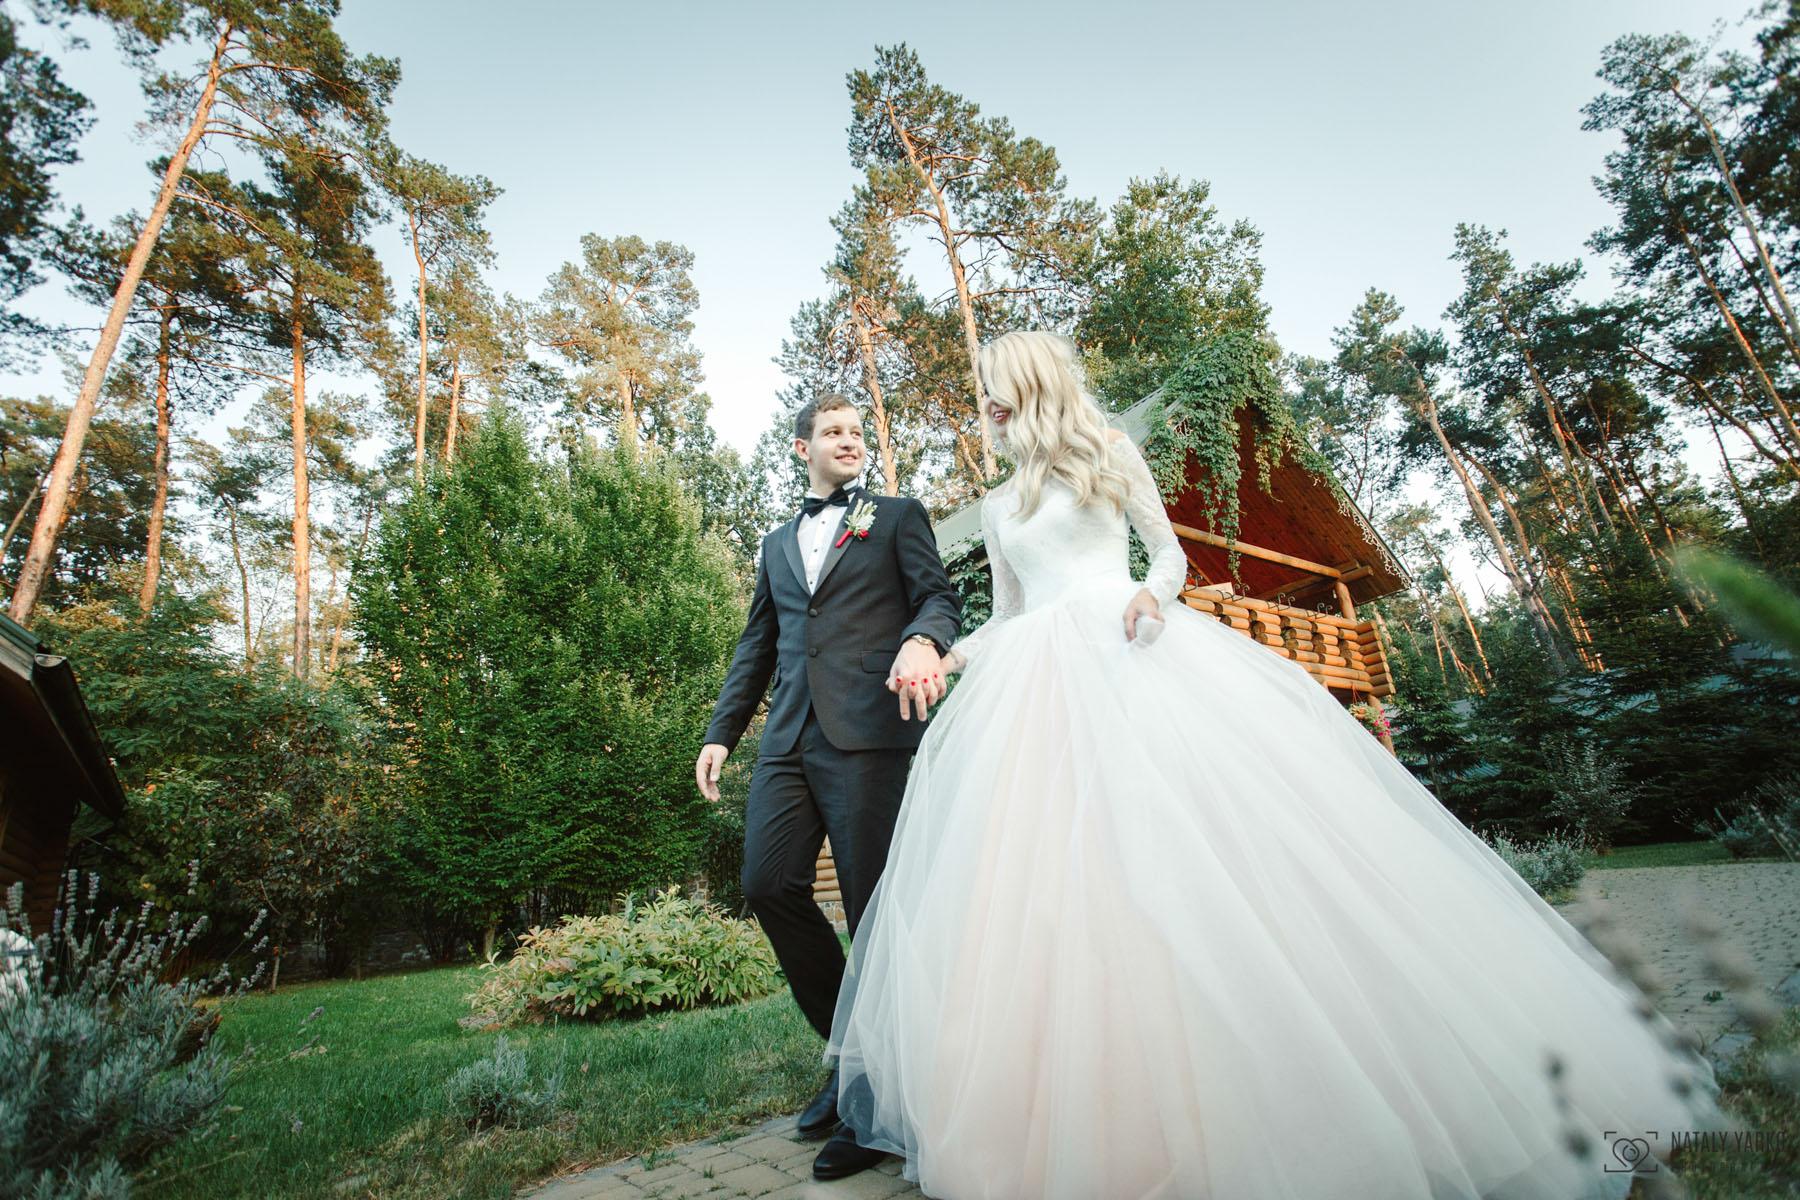 Свадебное портфолио, широкий угол, свадебный фишай